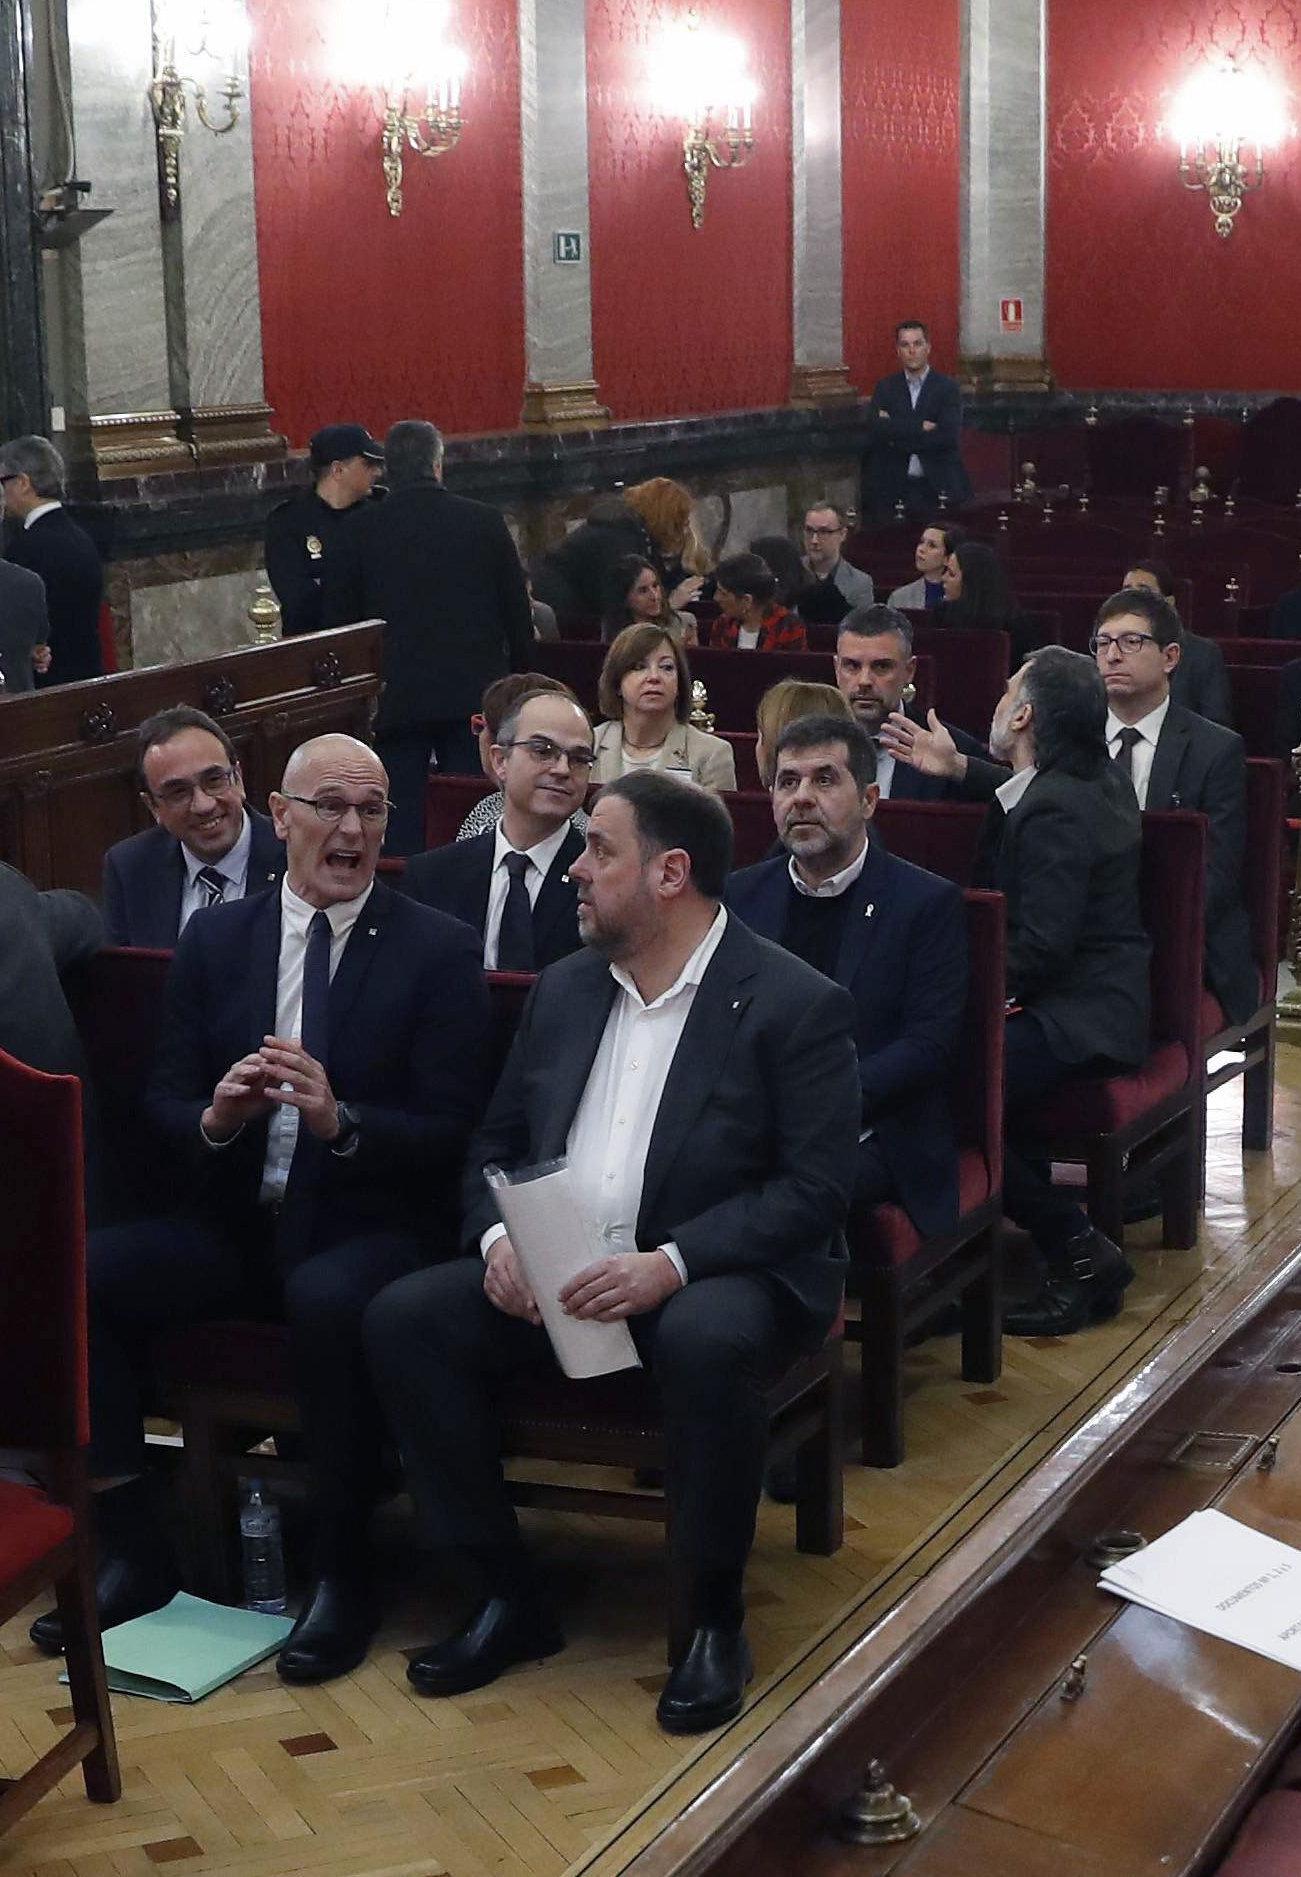 La Fiscalía se opone a poner en libertad a los presos independentistas elegidos el